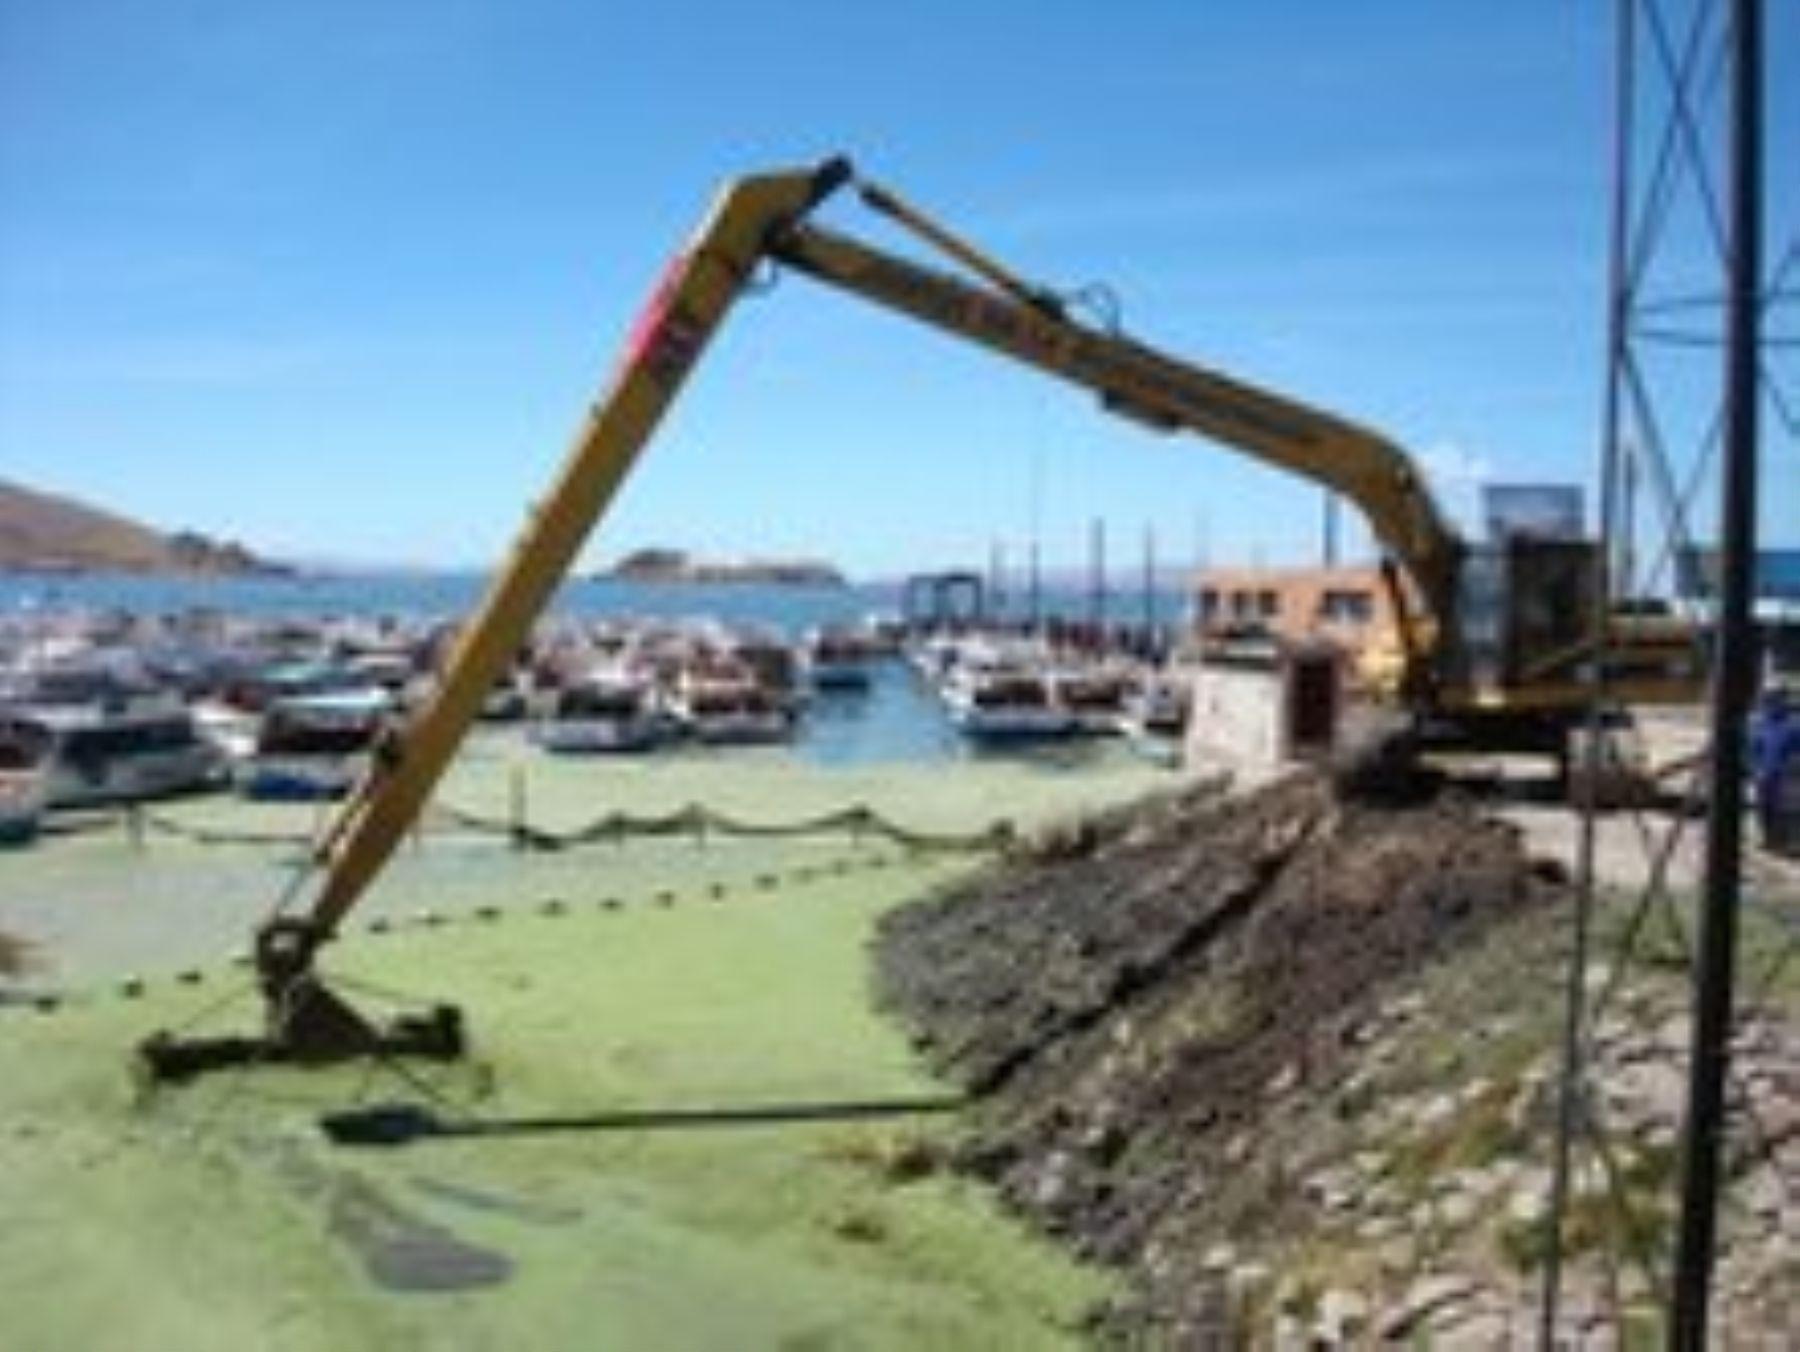 Se inicia proceso para la construcción de las plantas de tratamiento de aguas residuales que contaminan el lago Titicaca.